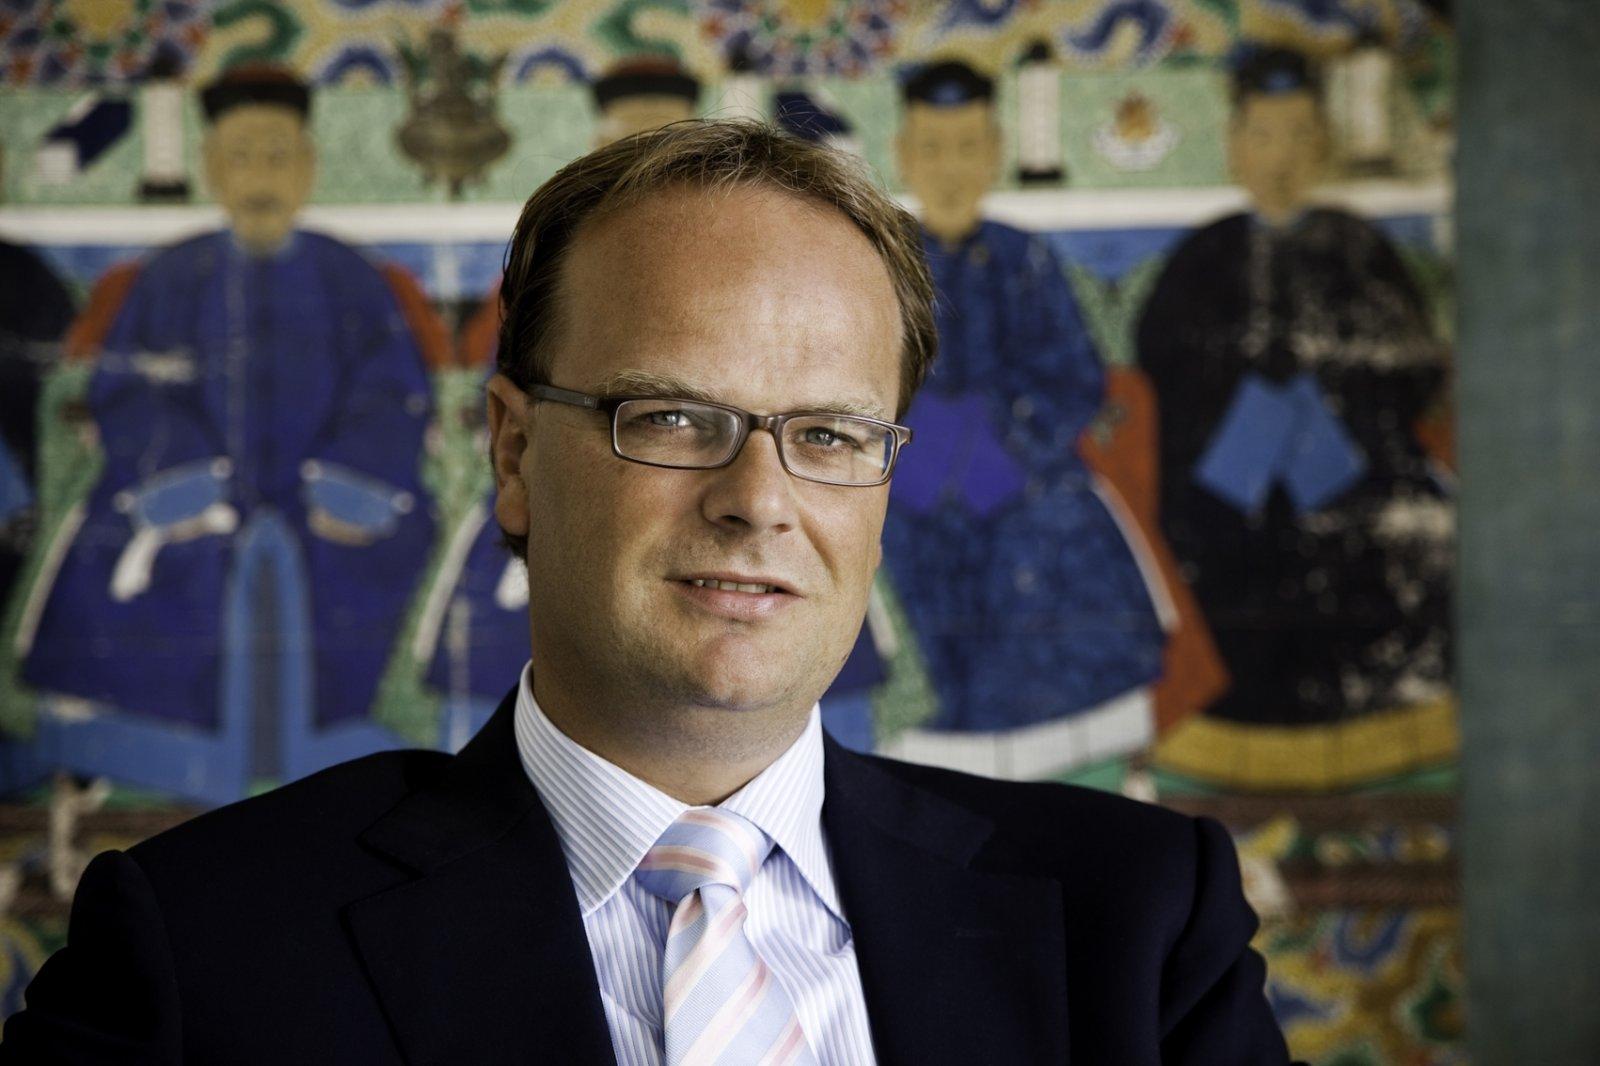 Lucas Janssen